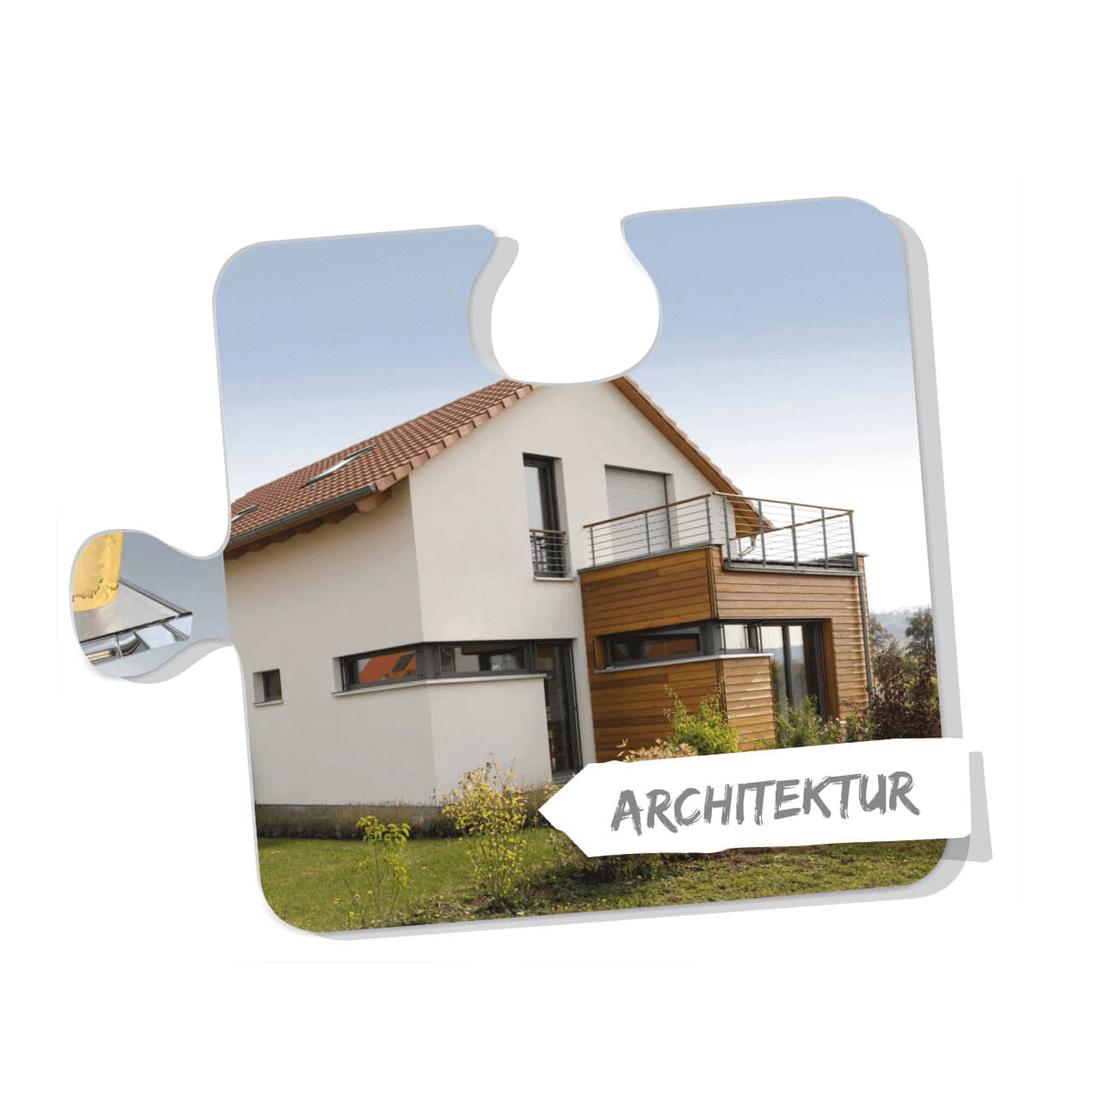 Architektur Puzzleteil